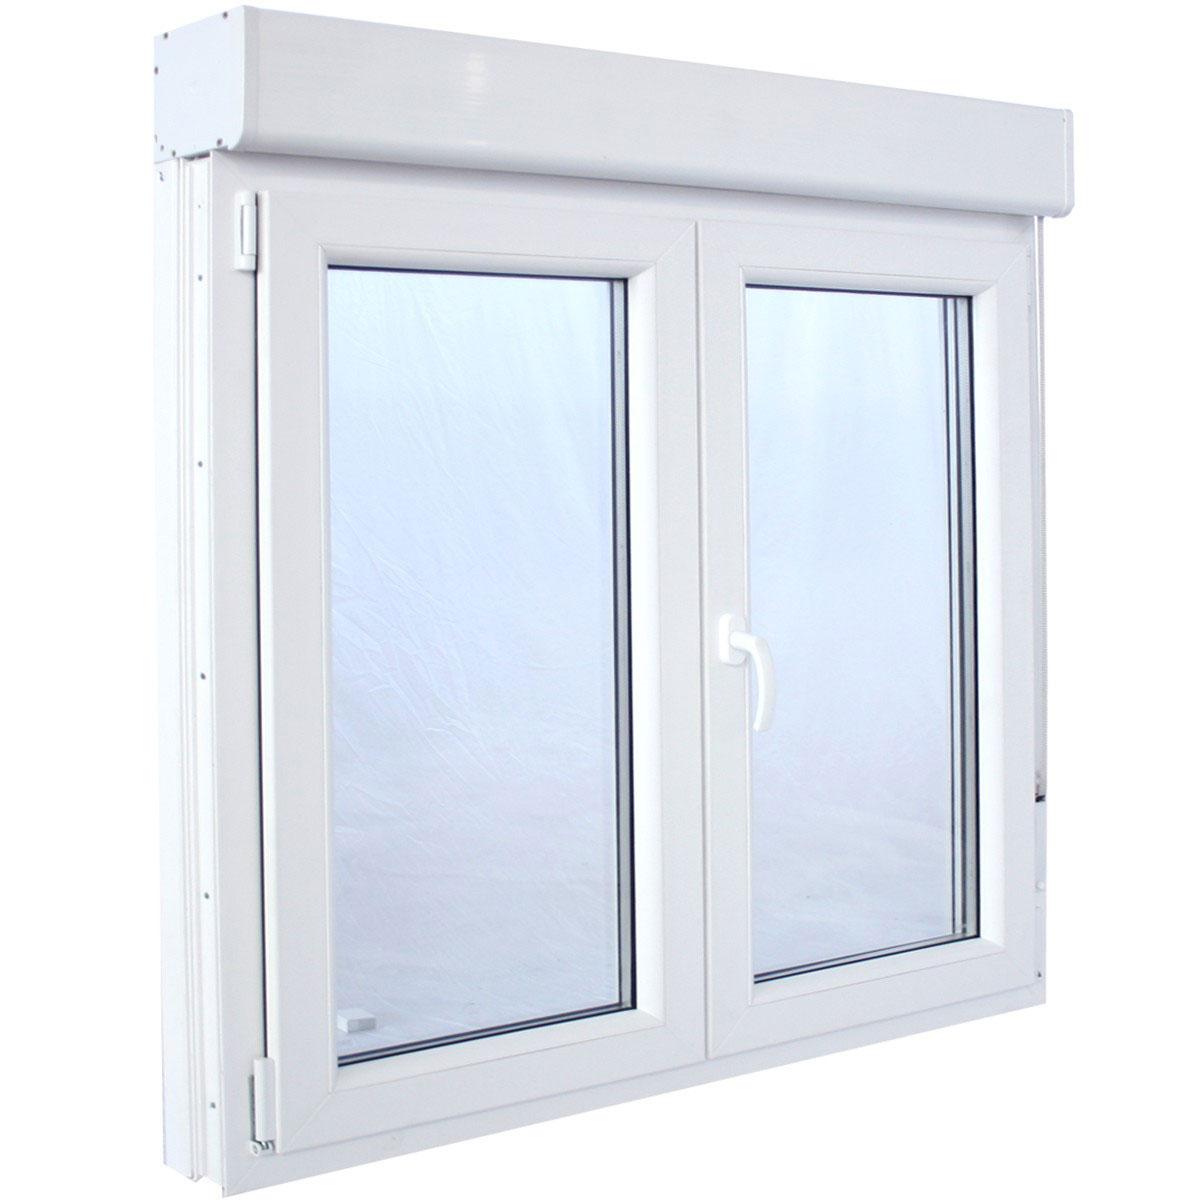 La ventana en el hogar, luz, diseño y confort